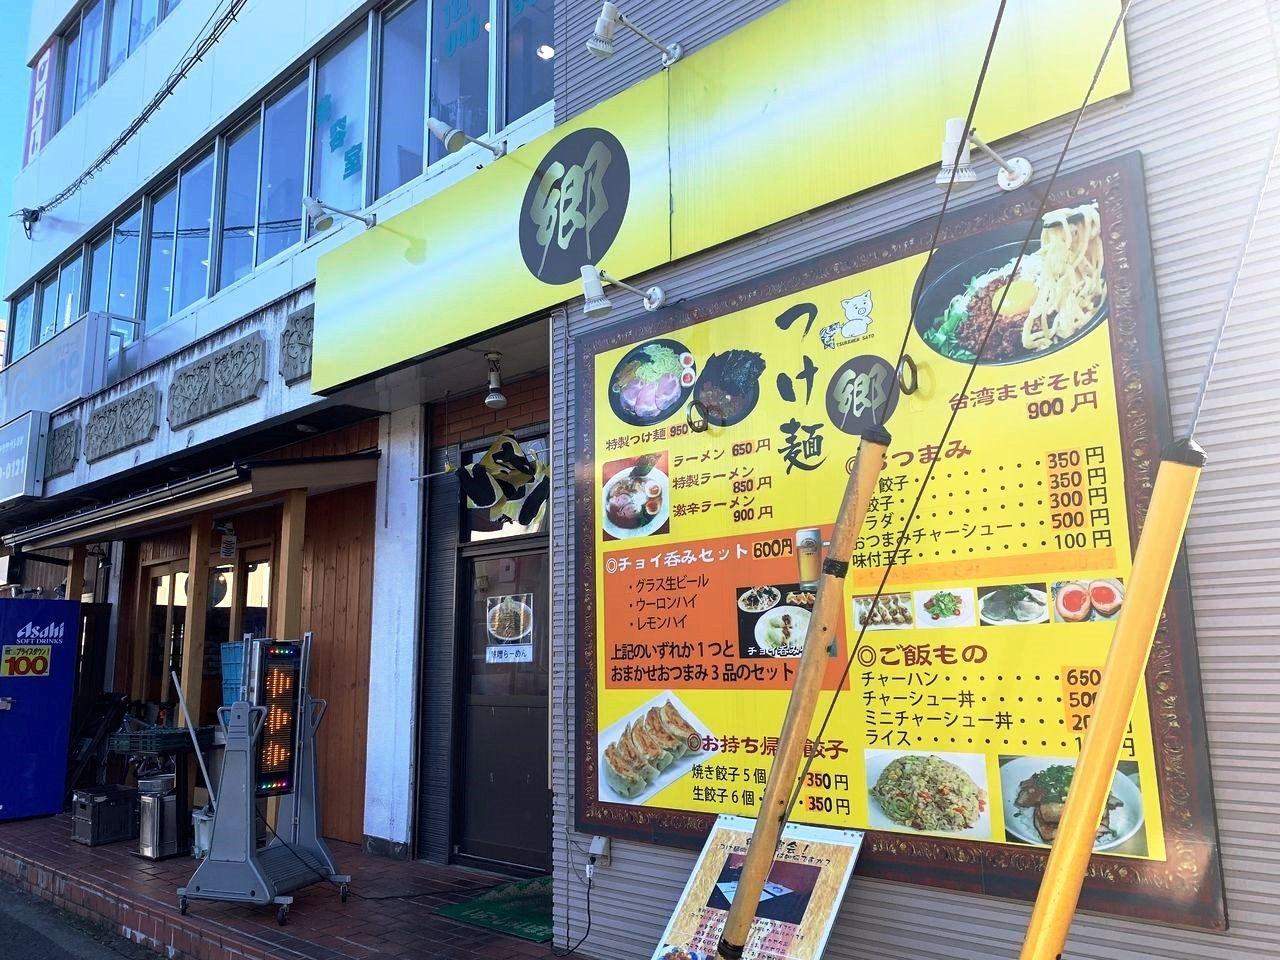 【三郷市食べ歩きブログ】三郷駅南口から2分にある「つけ麺 郷」に行ってみました!